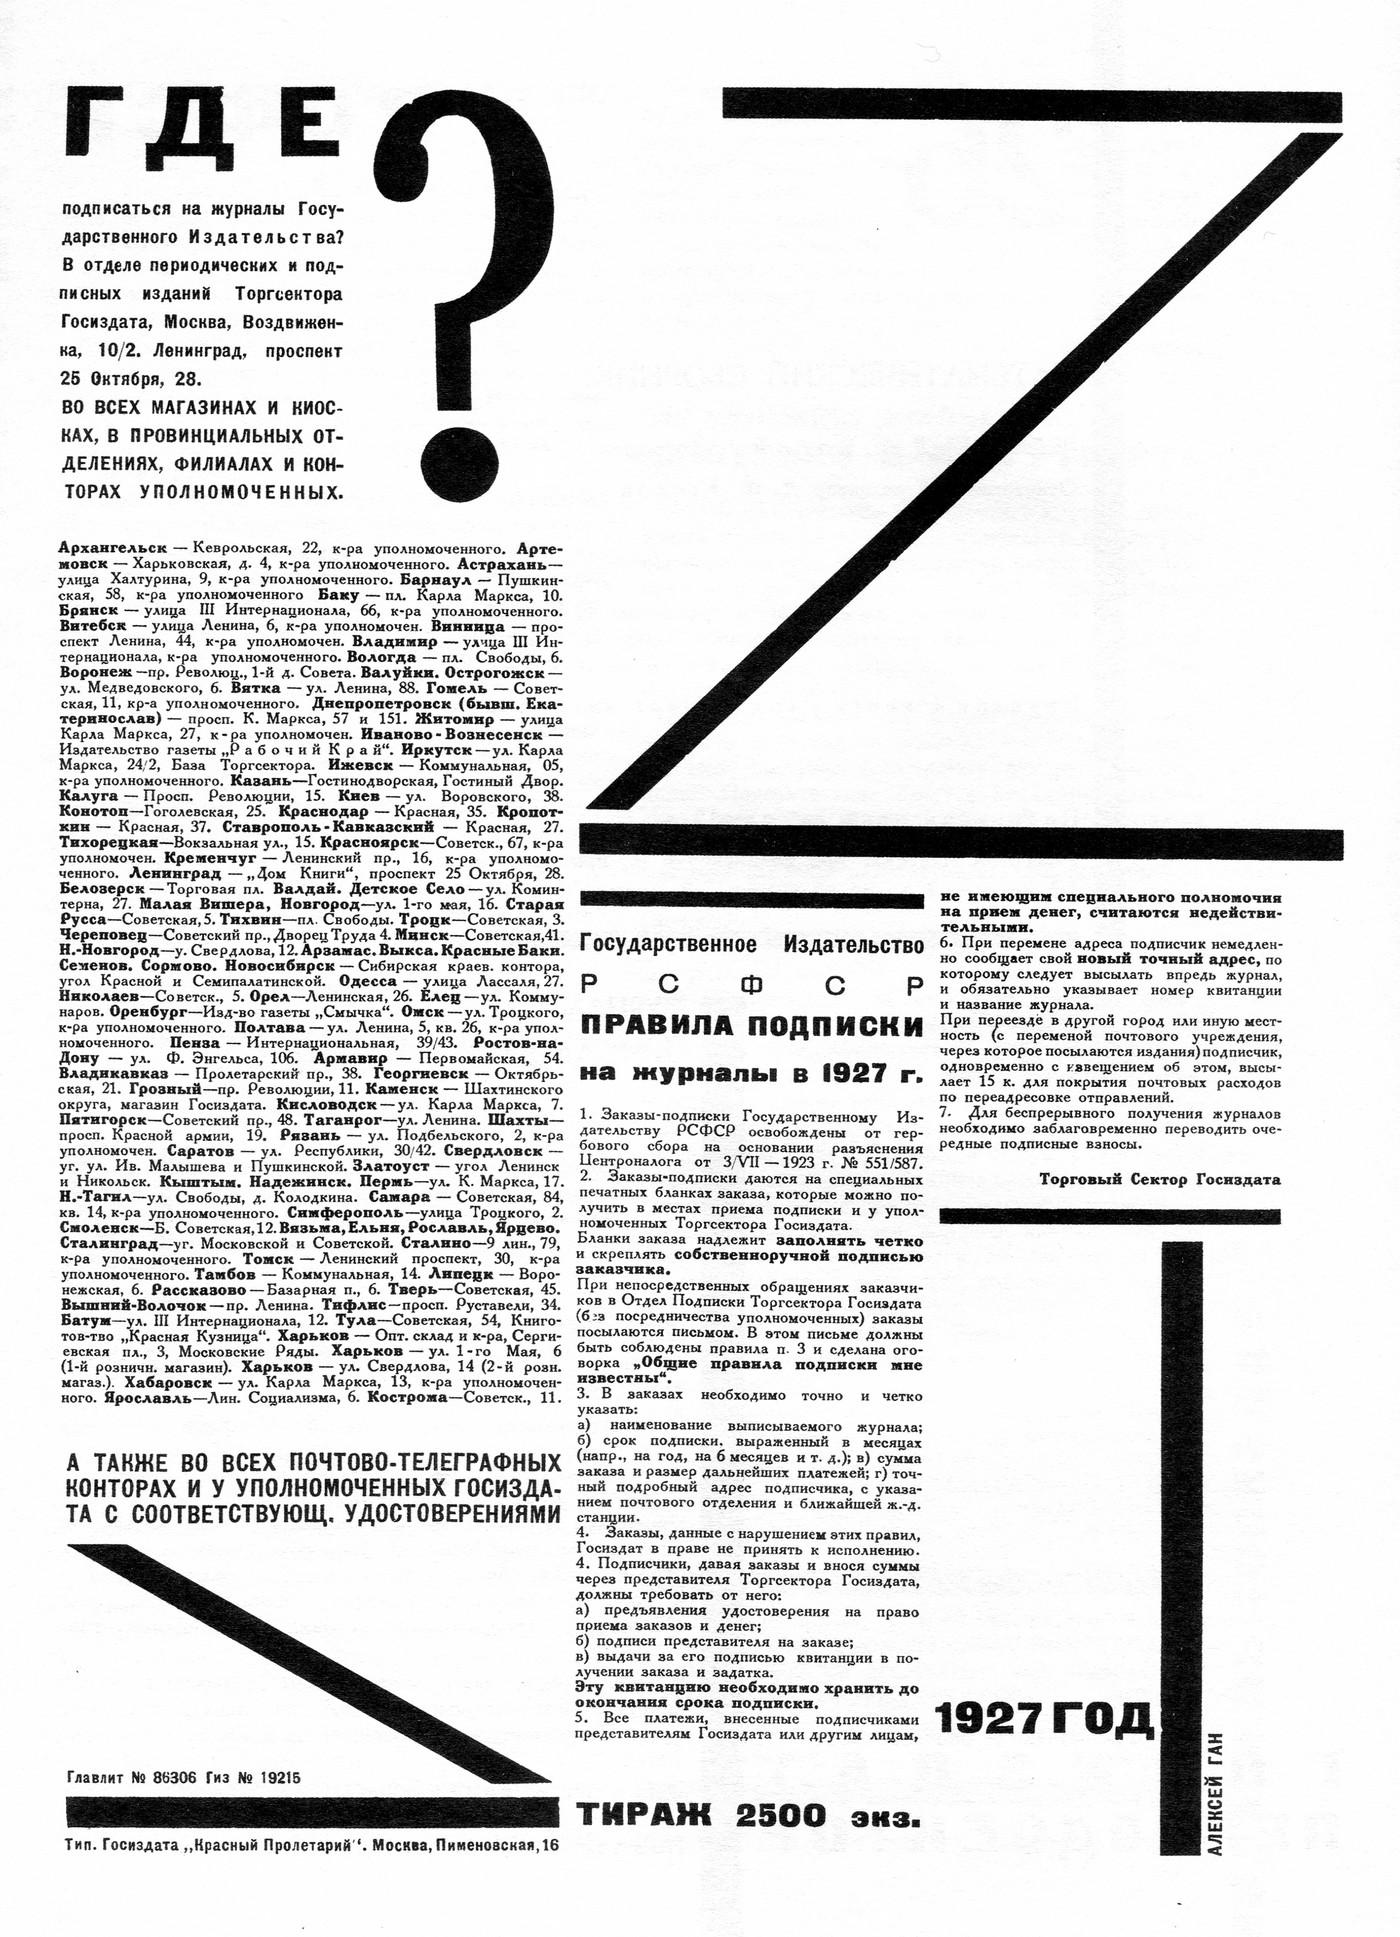 tehne.com-1927-1-052